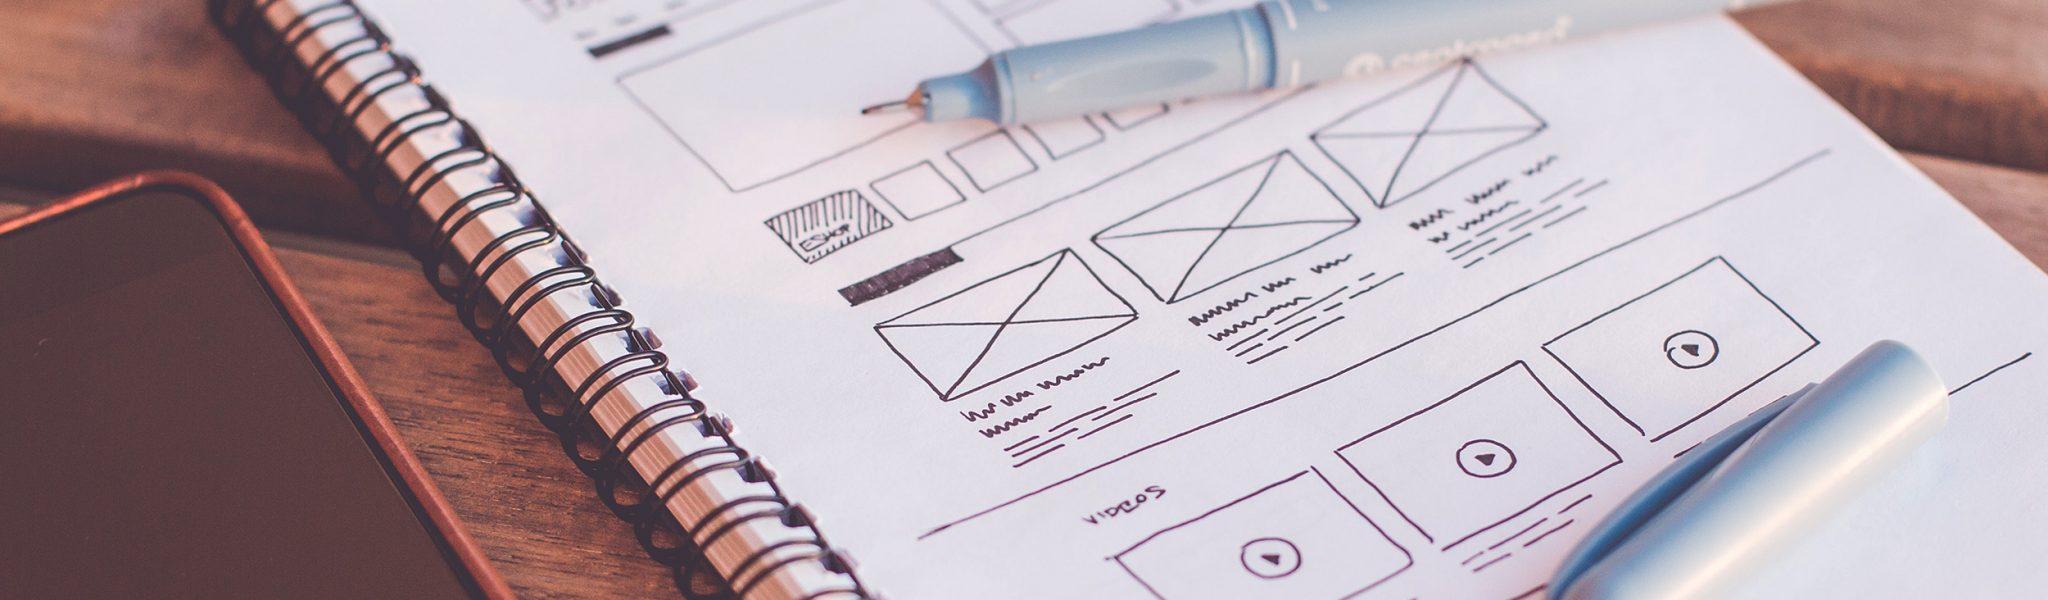 Website design process | Clear Design